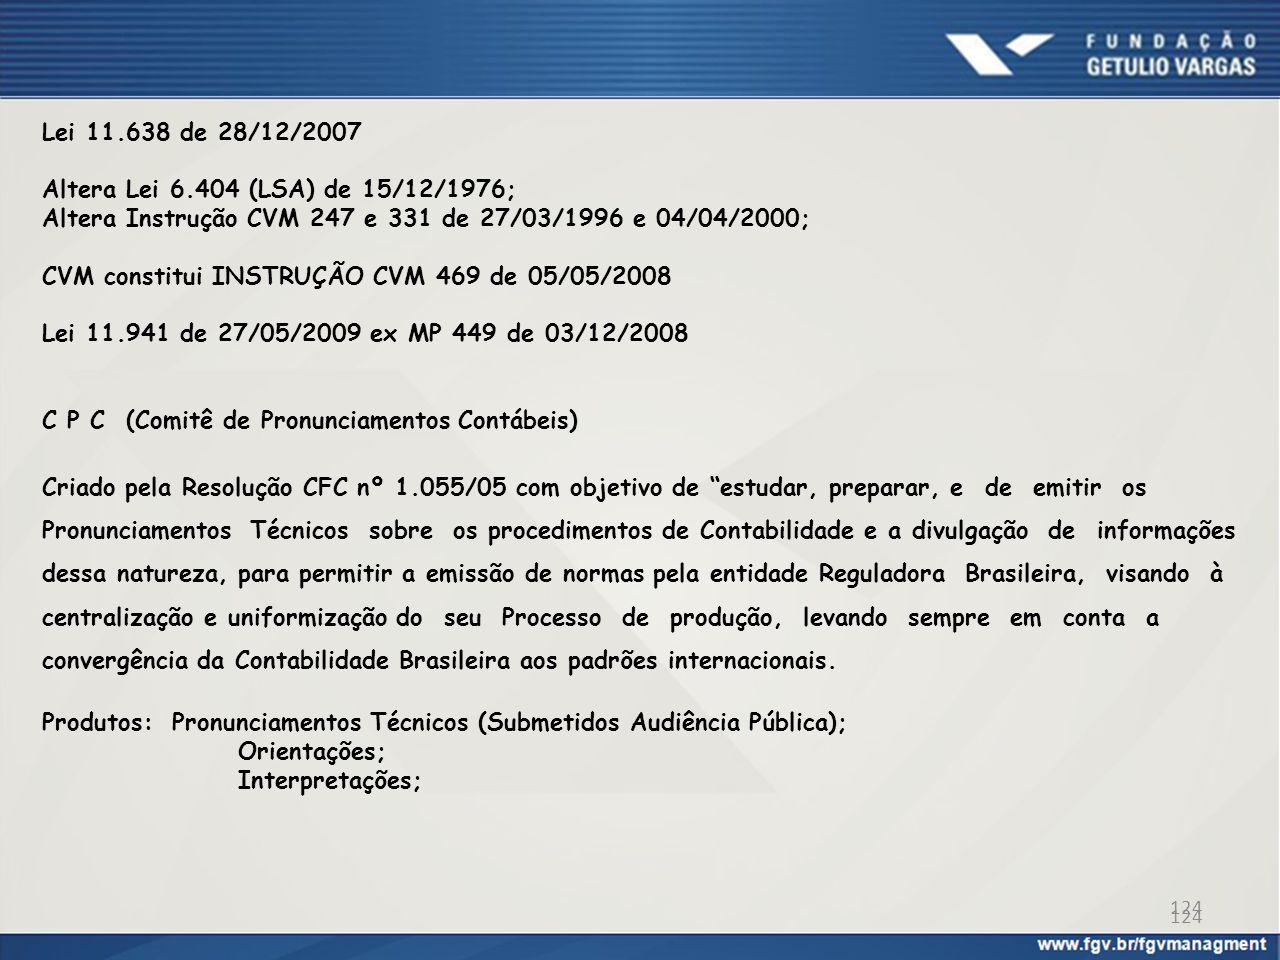 Altera Instrução CVM 247 e 331 de 27/03/1996 e 04/04/2000;